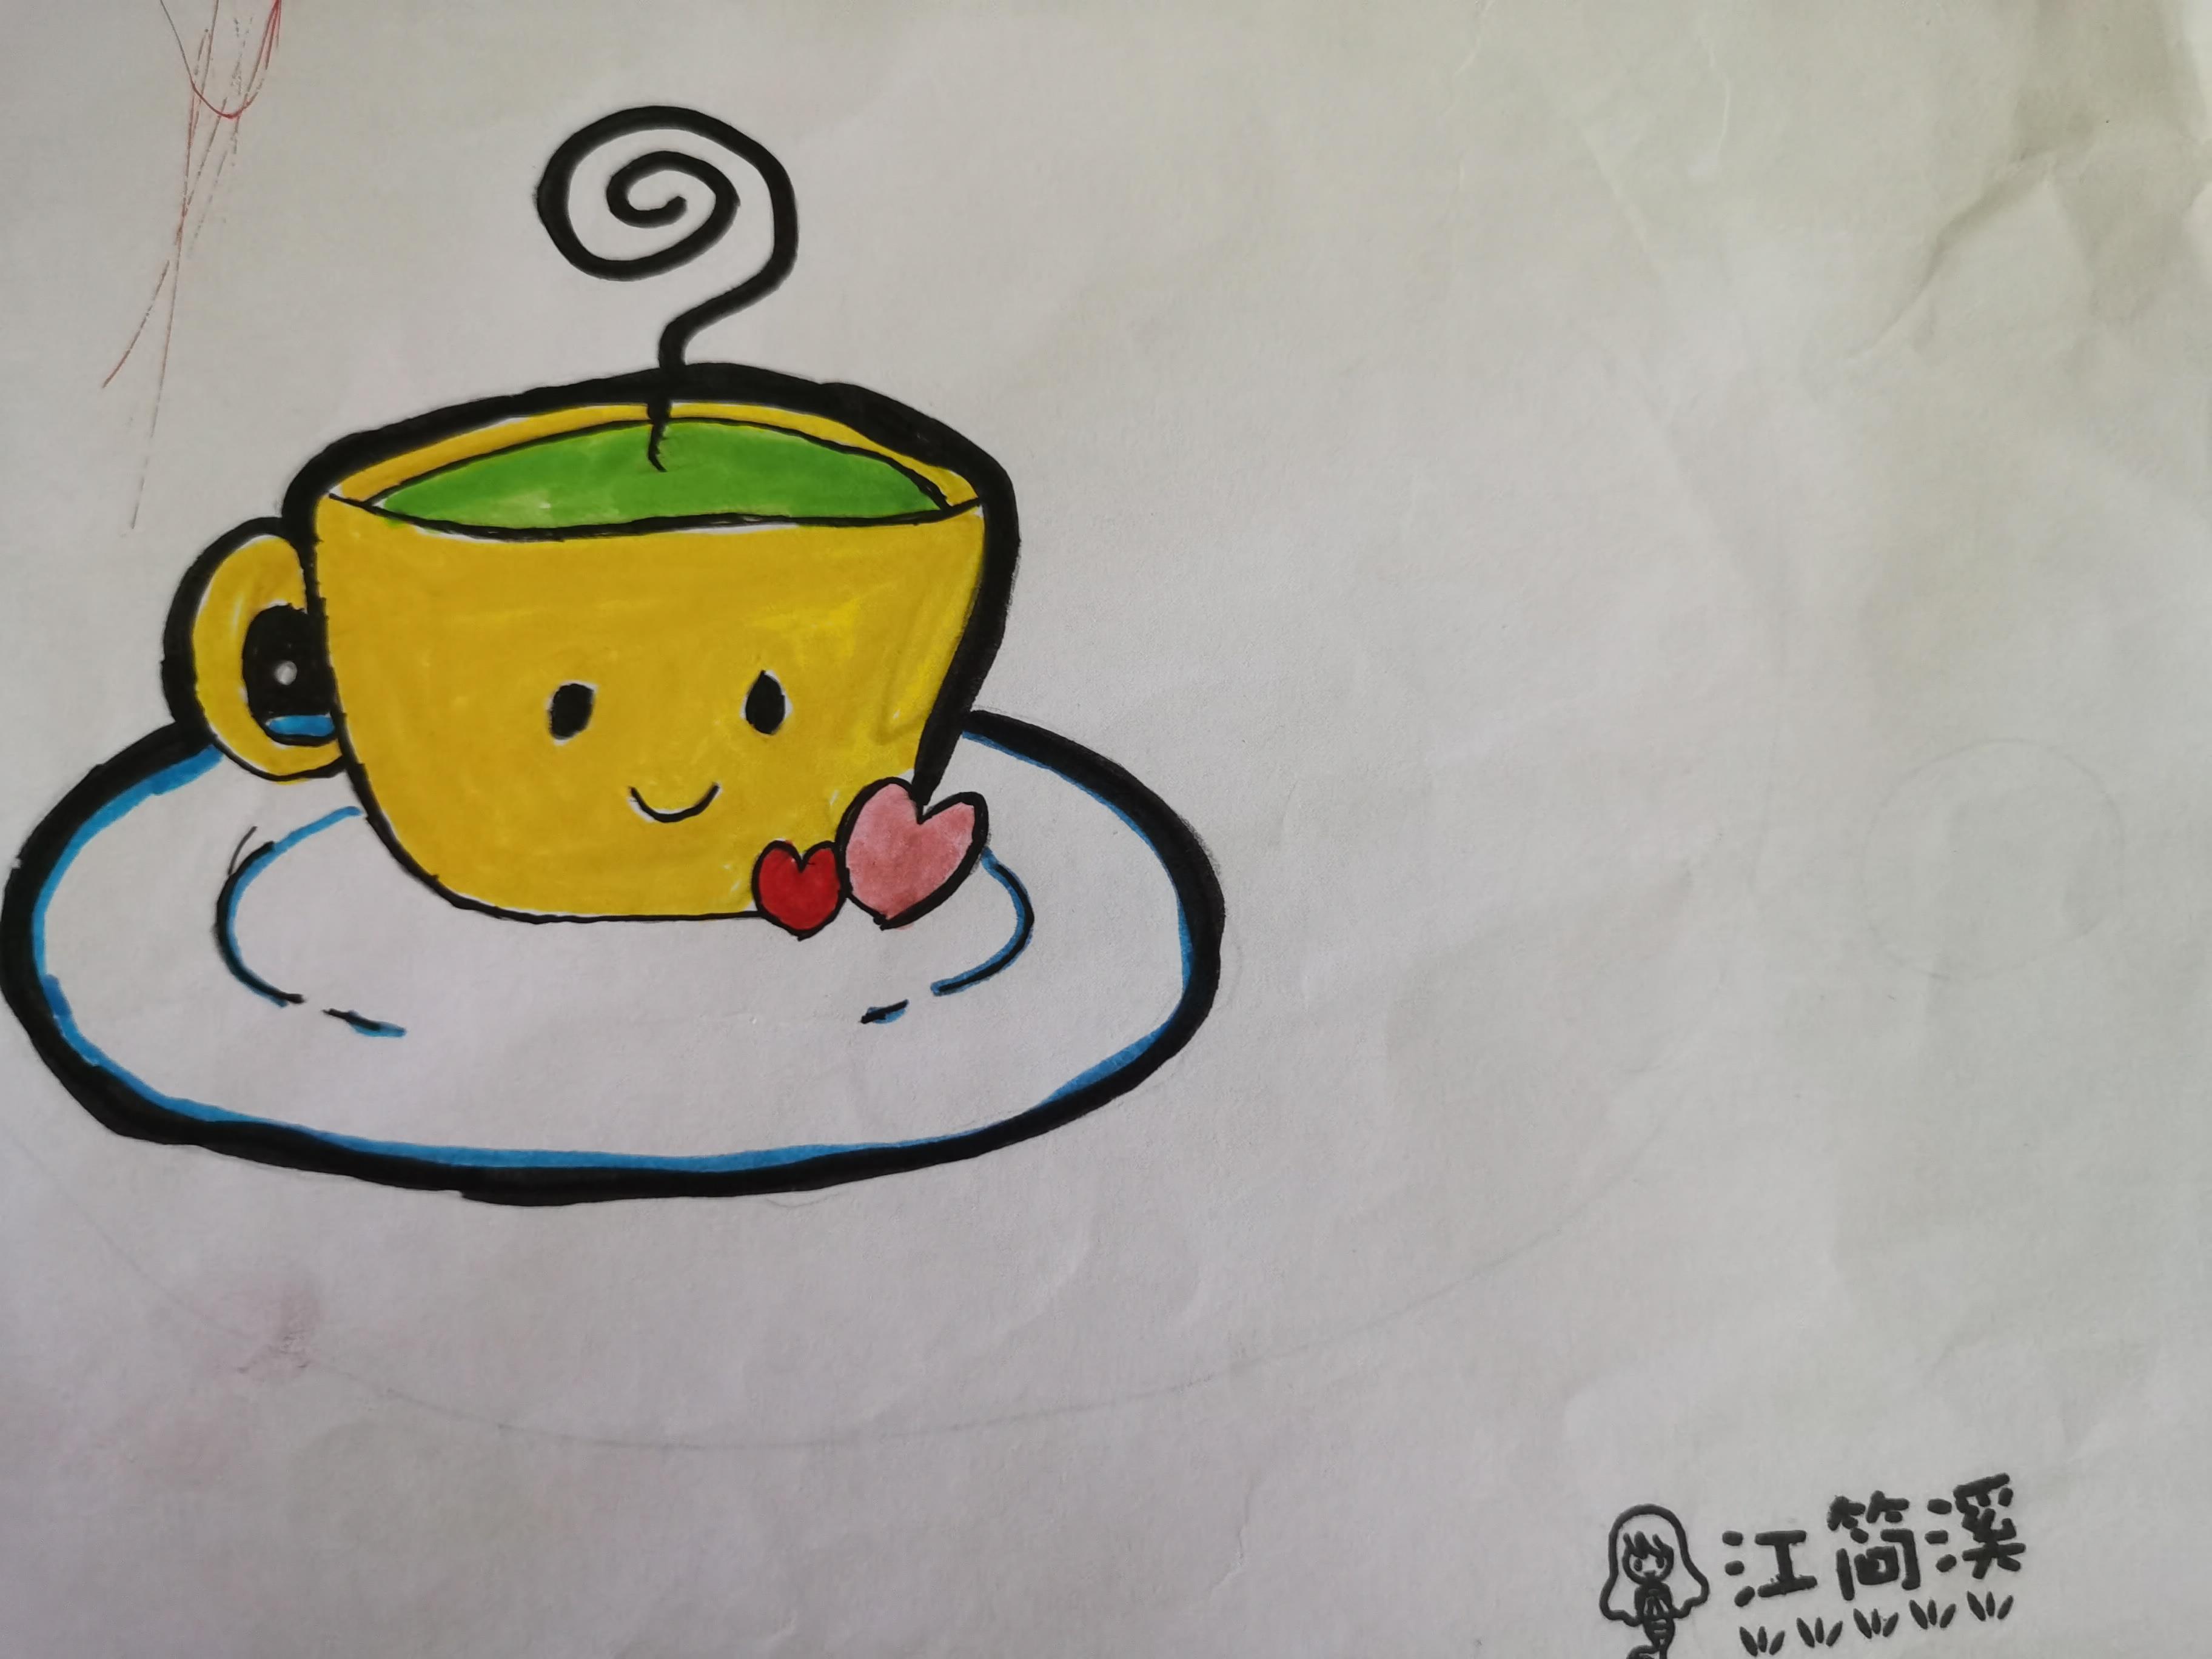 福清西山学校幼儿园蒙芽一班2020年12月幼儿作品展